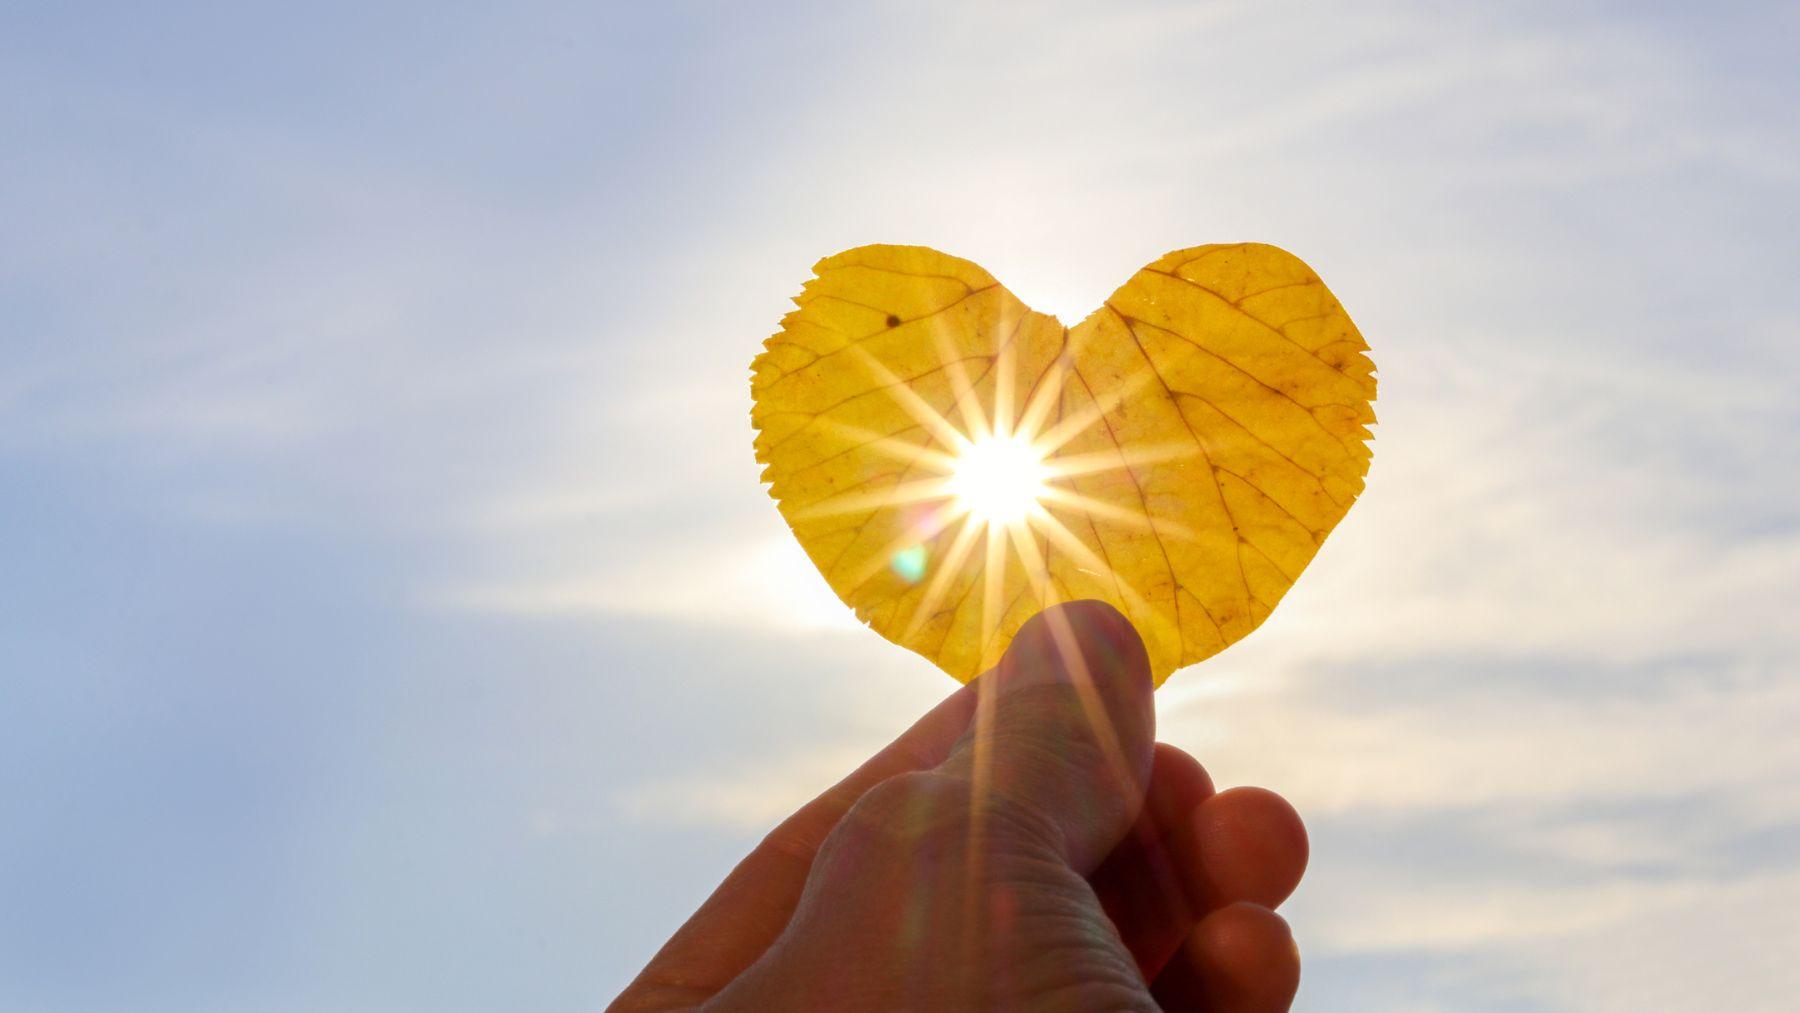 Descubrimos cómo nos beneficia la luz solar para nuestra salud